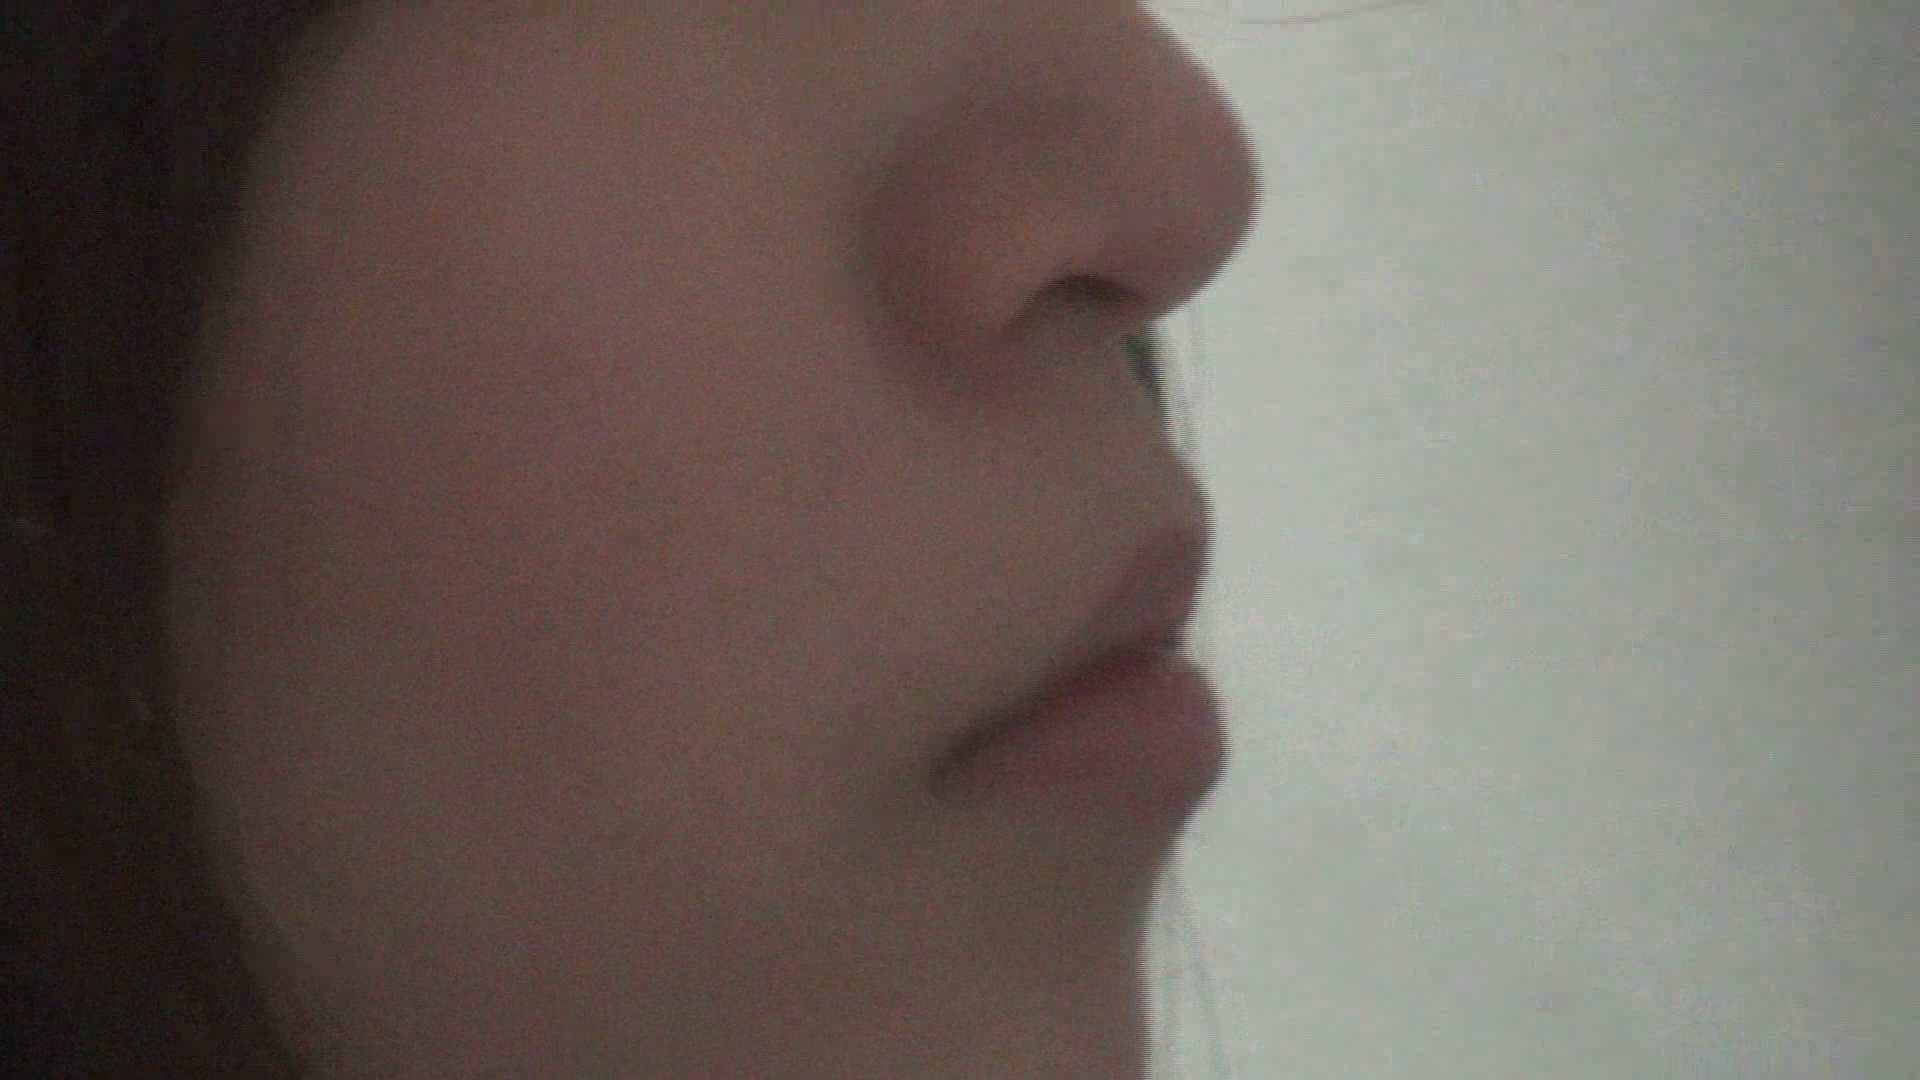 【05】仕事が忙しくて・・・久しぶりにベランダで待ち伏せ リアル・マンコ のぞき動画画像 85pic 83